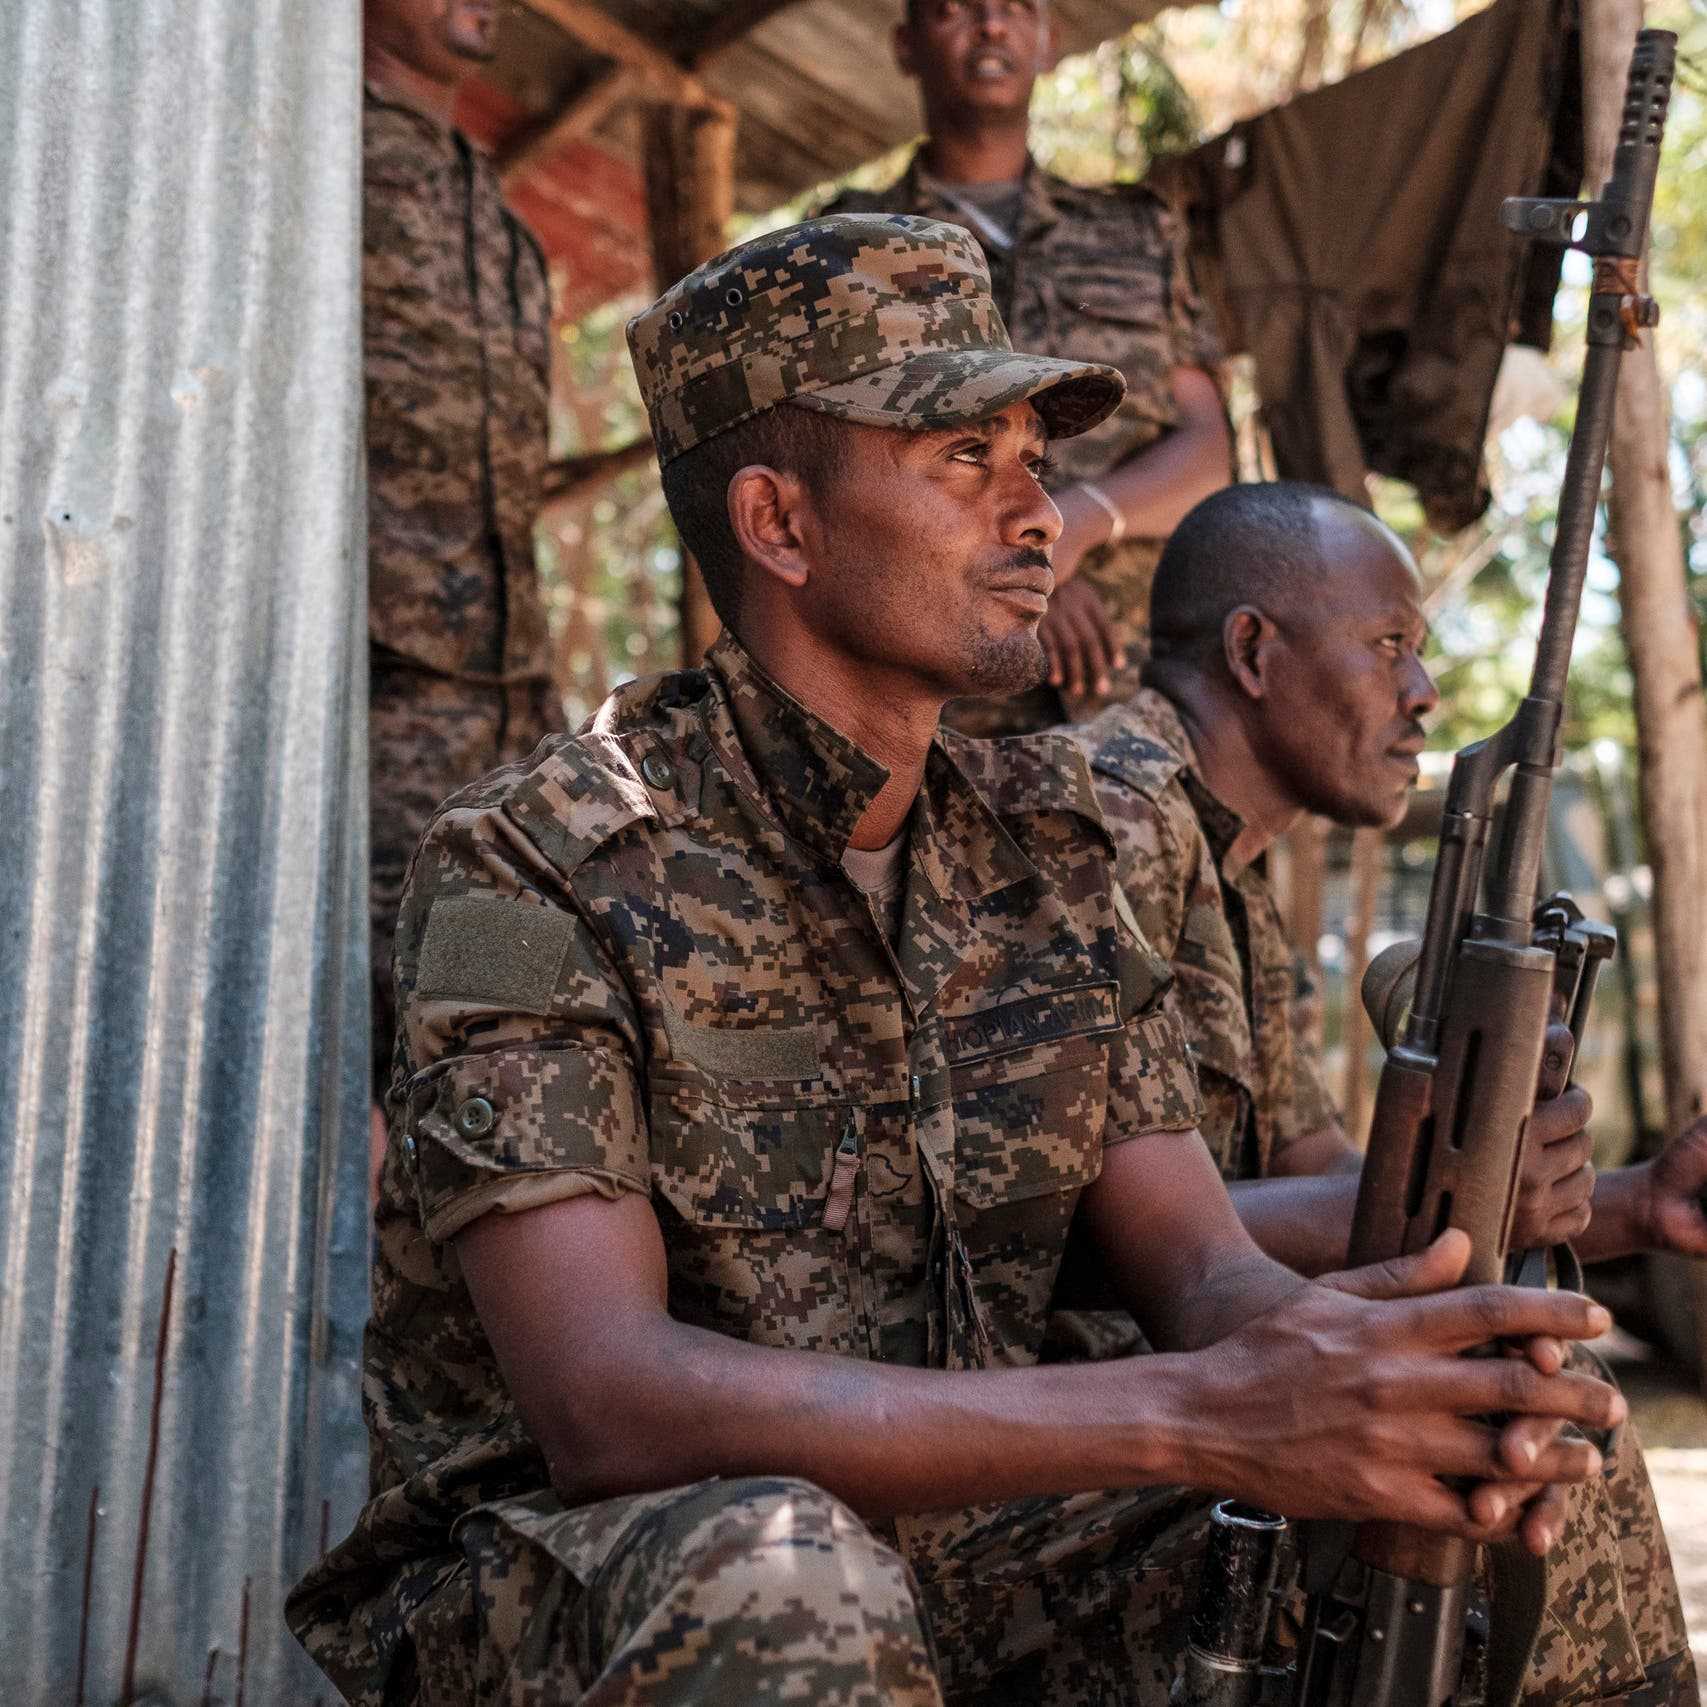 مع بدء ولاية ثانية لأبي أحمد.. الجيش الإثيوبي يشن هجوماً كبيراً في أمهرة